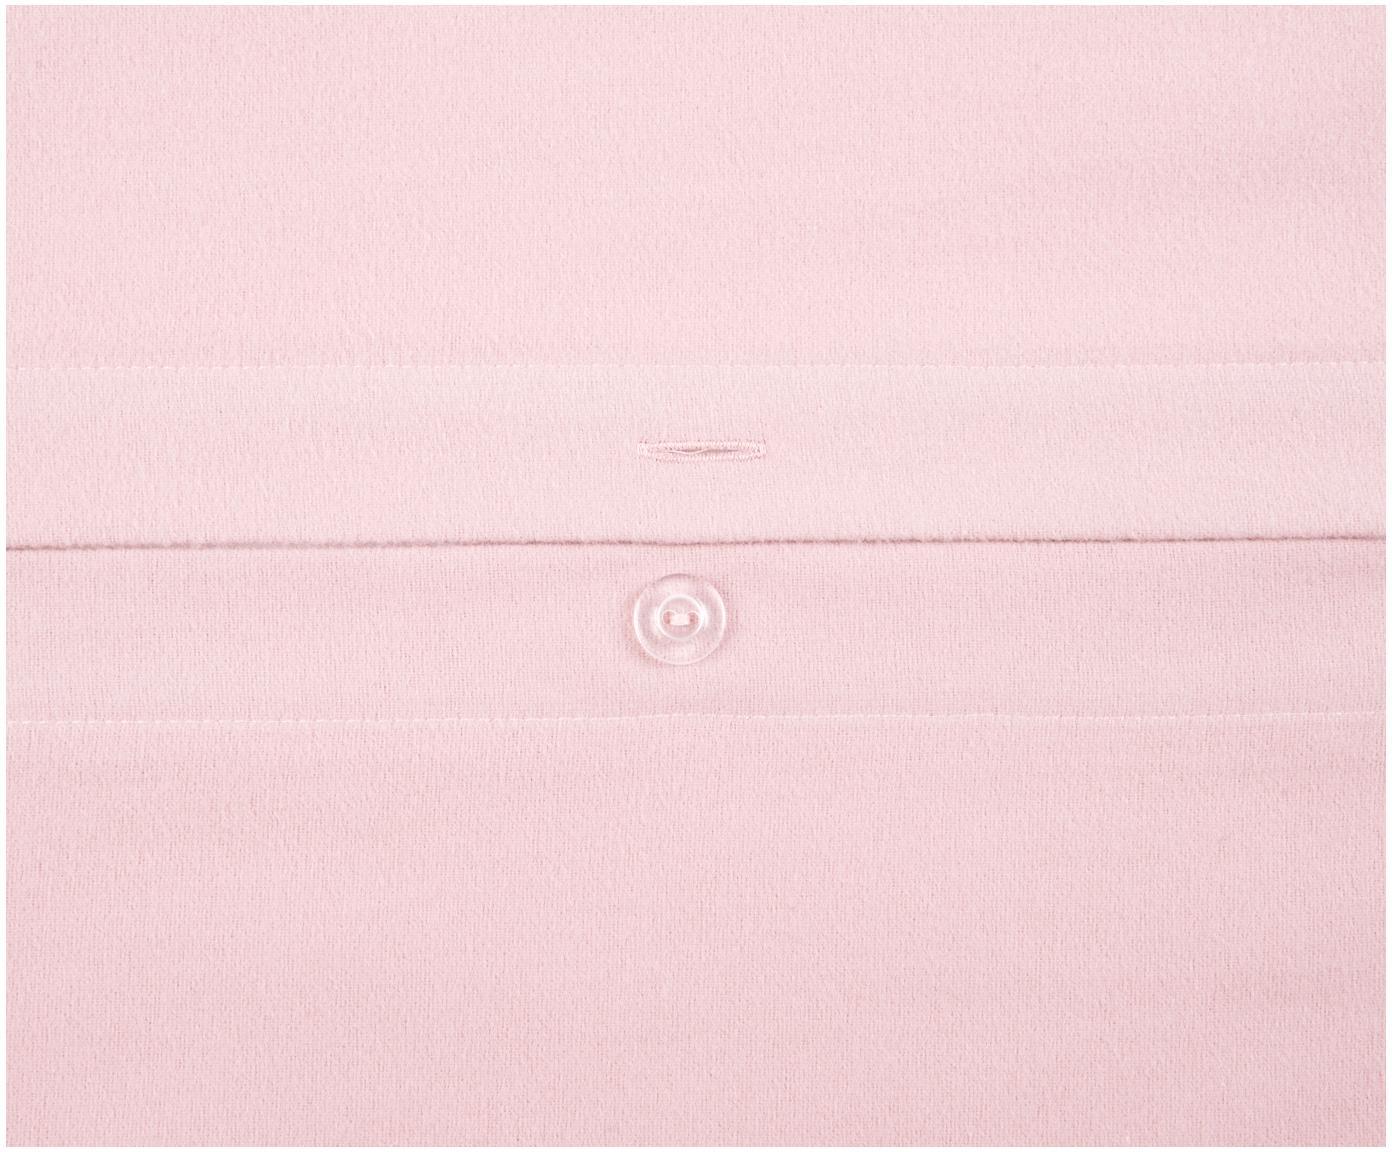 Flanell-Bettwäsche Biba in Rosa, Webart: Flanell, Rosa, 240 x 220 cm